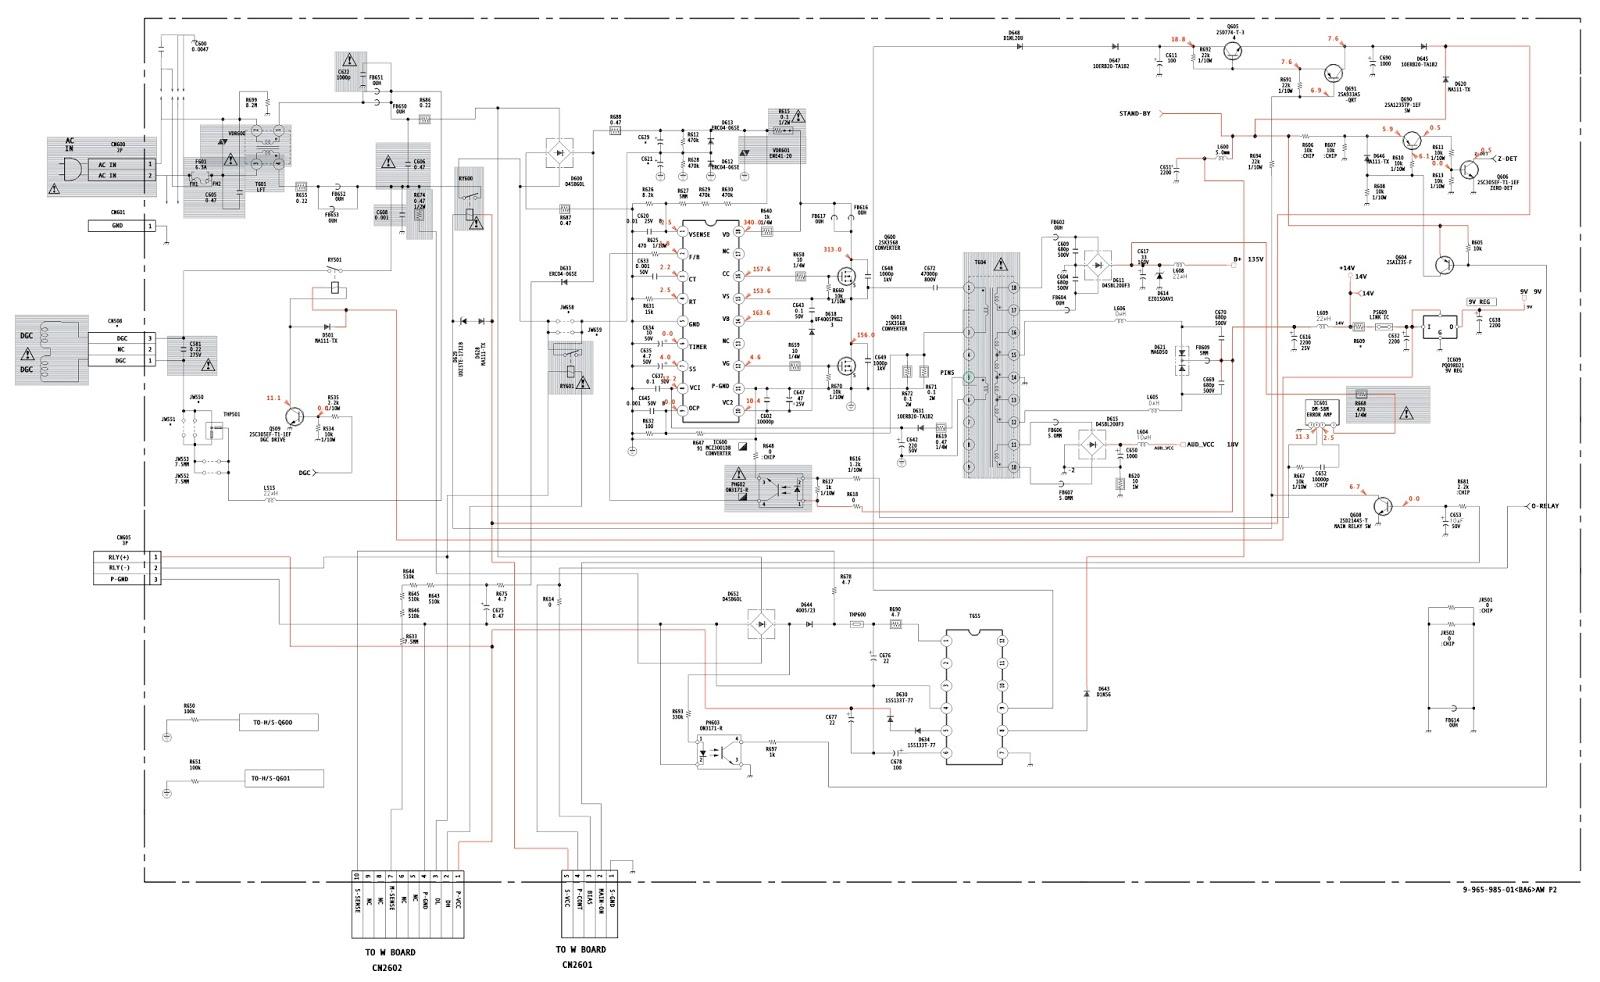 Electro help: SONY KV 21FA310  KV29FV210  HORIZONTAL